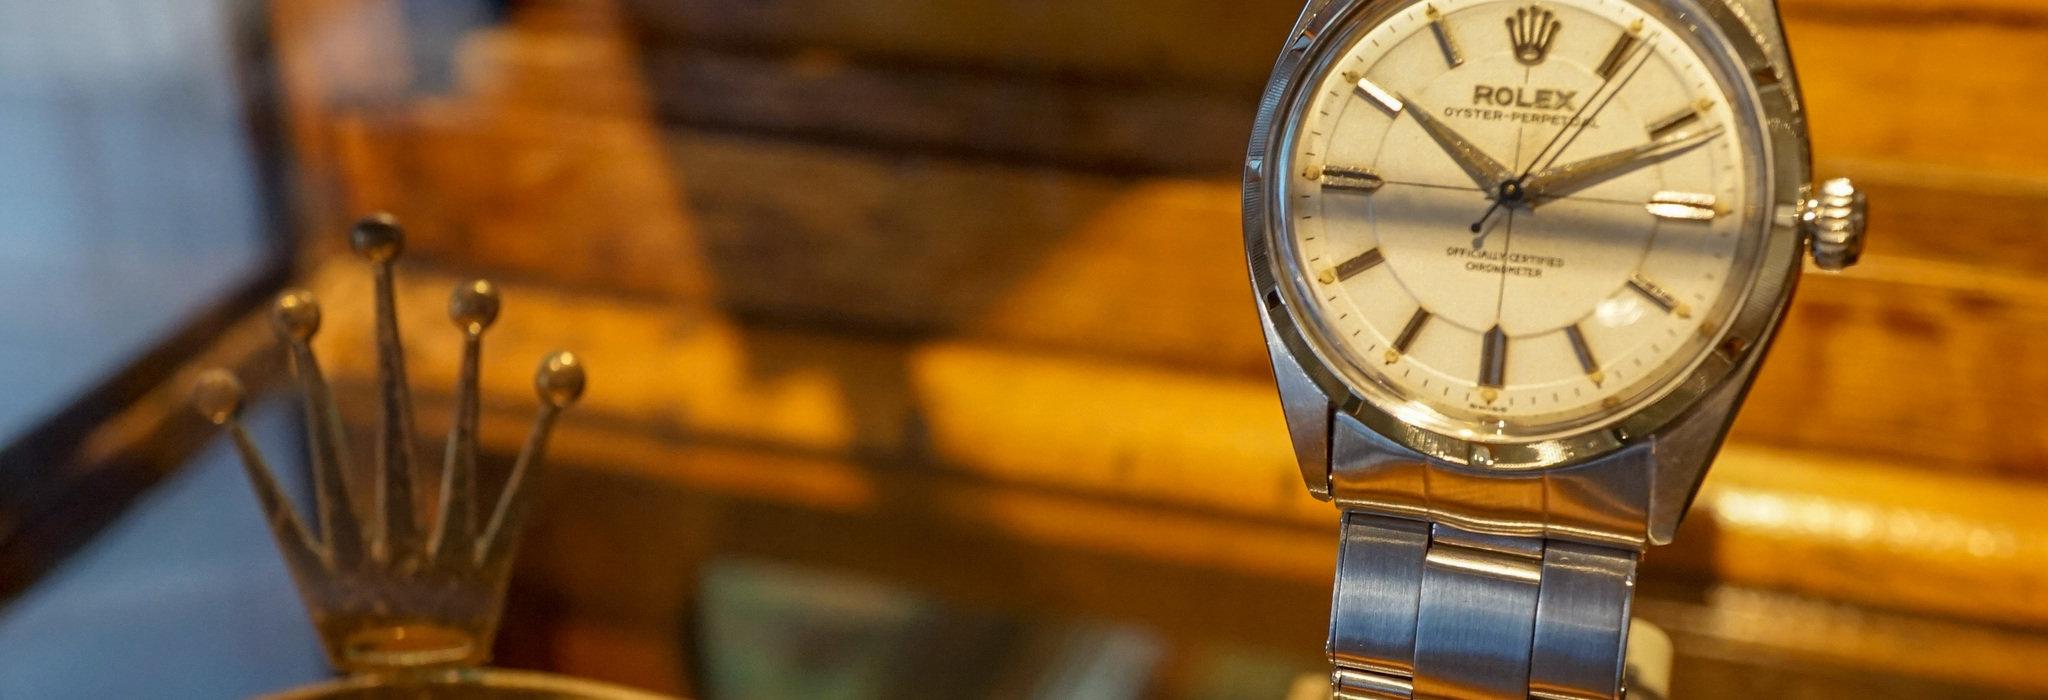 見るべきはケースコンディション?ケアーズで初めてのアンティーク時計を選ぶ_image